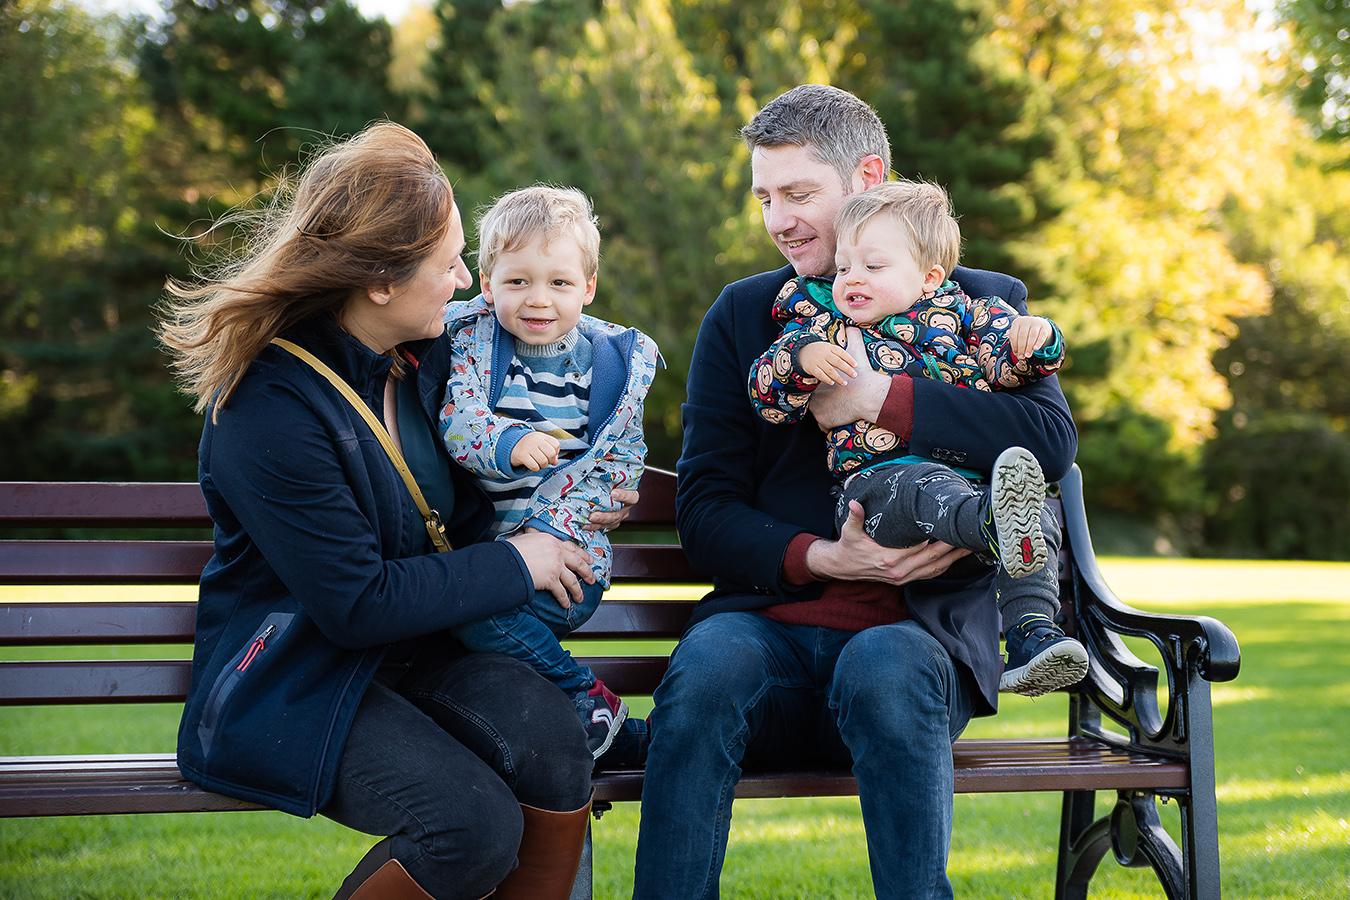 Family Photoshoot at Marlay Park in Dublin by Camila Lee